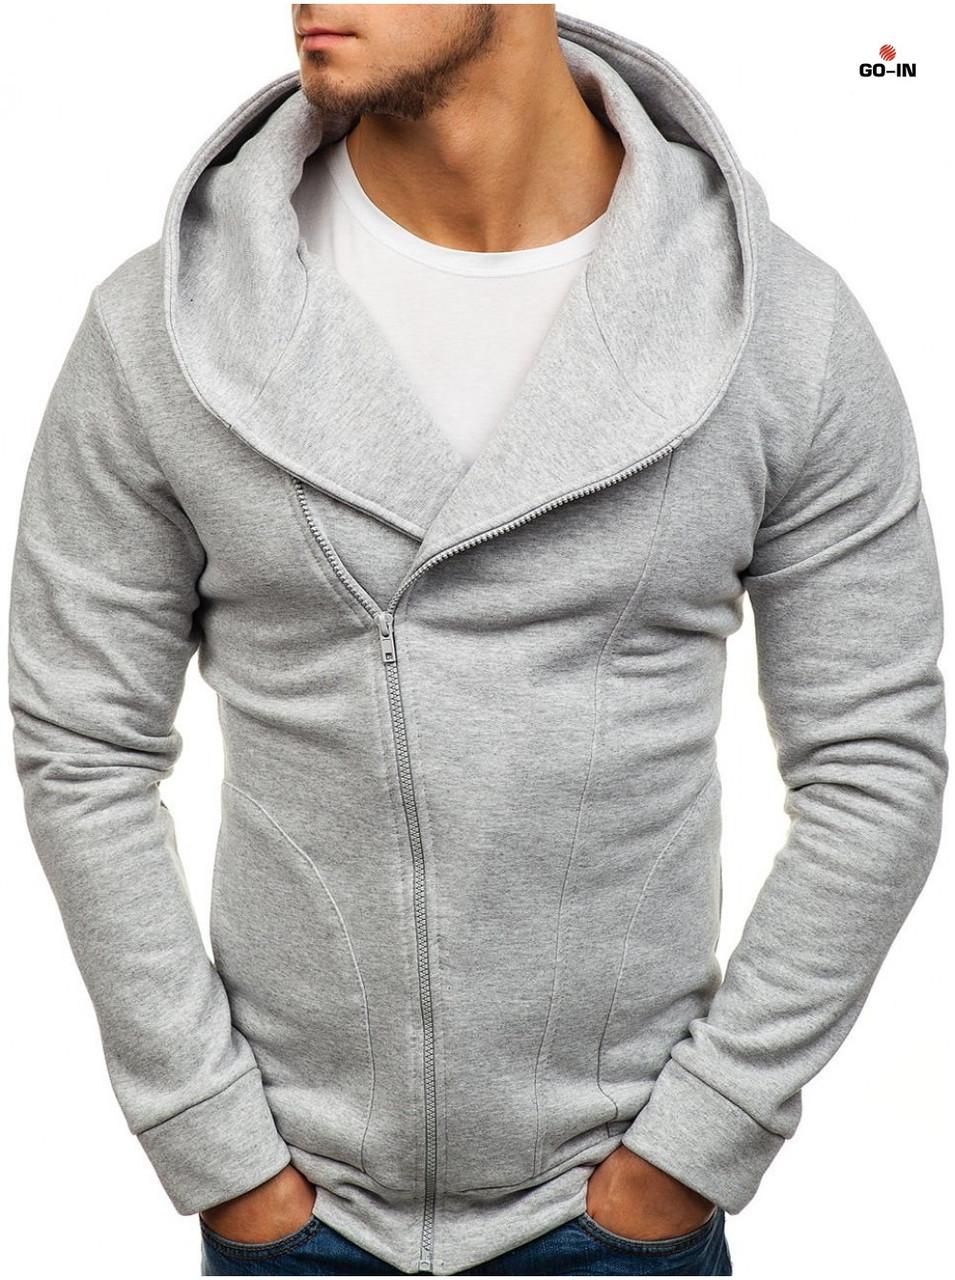 Толстовка теплая косуха мужская светло-серая на молнии с капюшоном однотонная